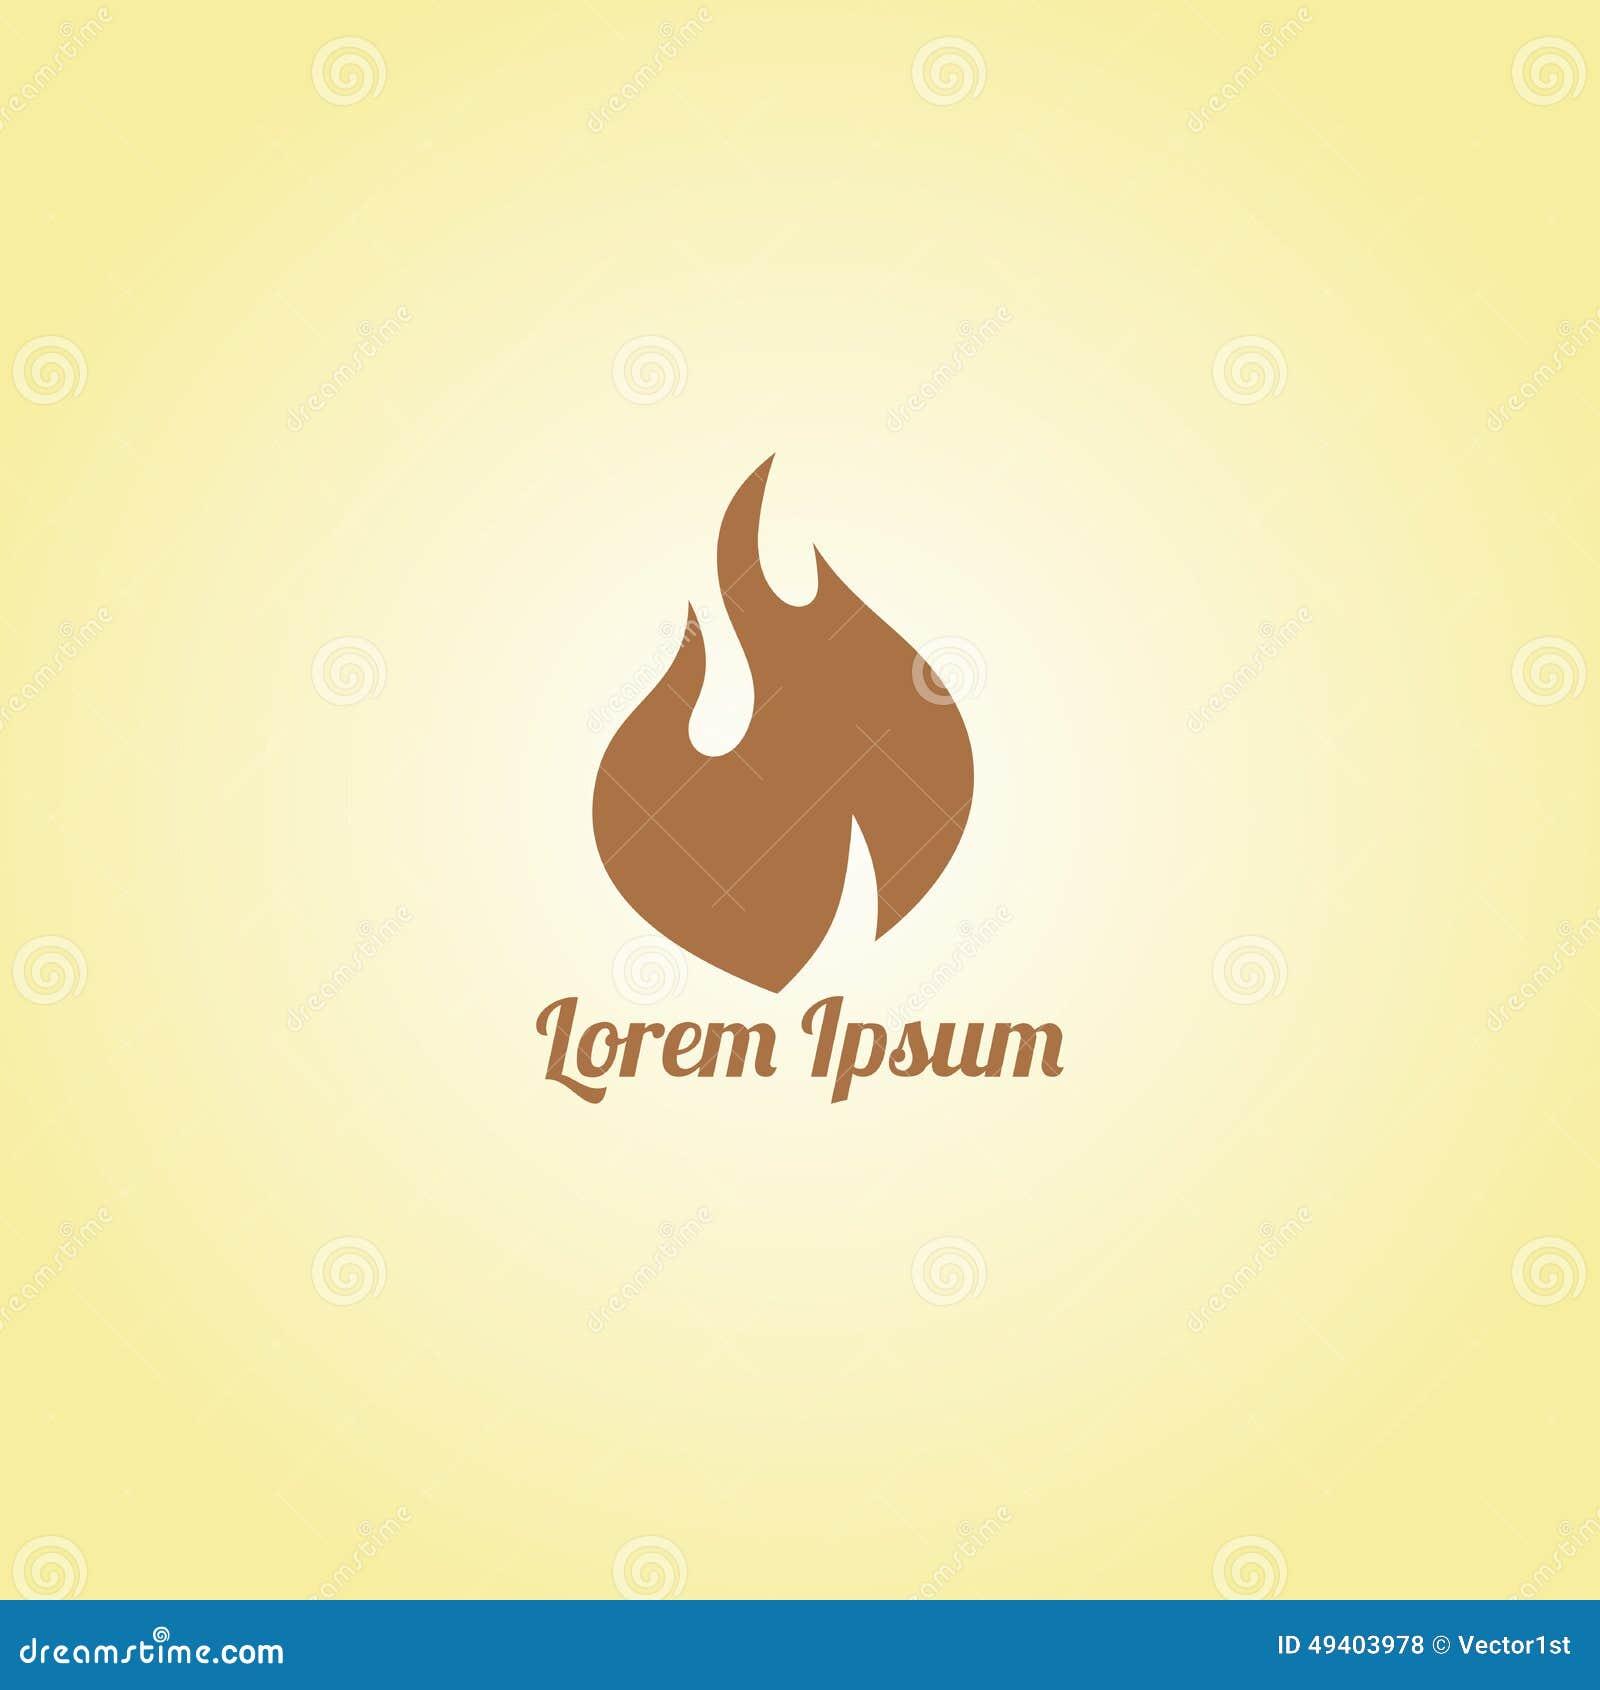 Download Heißes Feuer stockfoto. Bild von feuergefährlich, ikone - 49403978